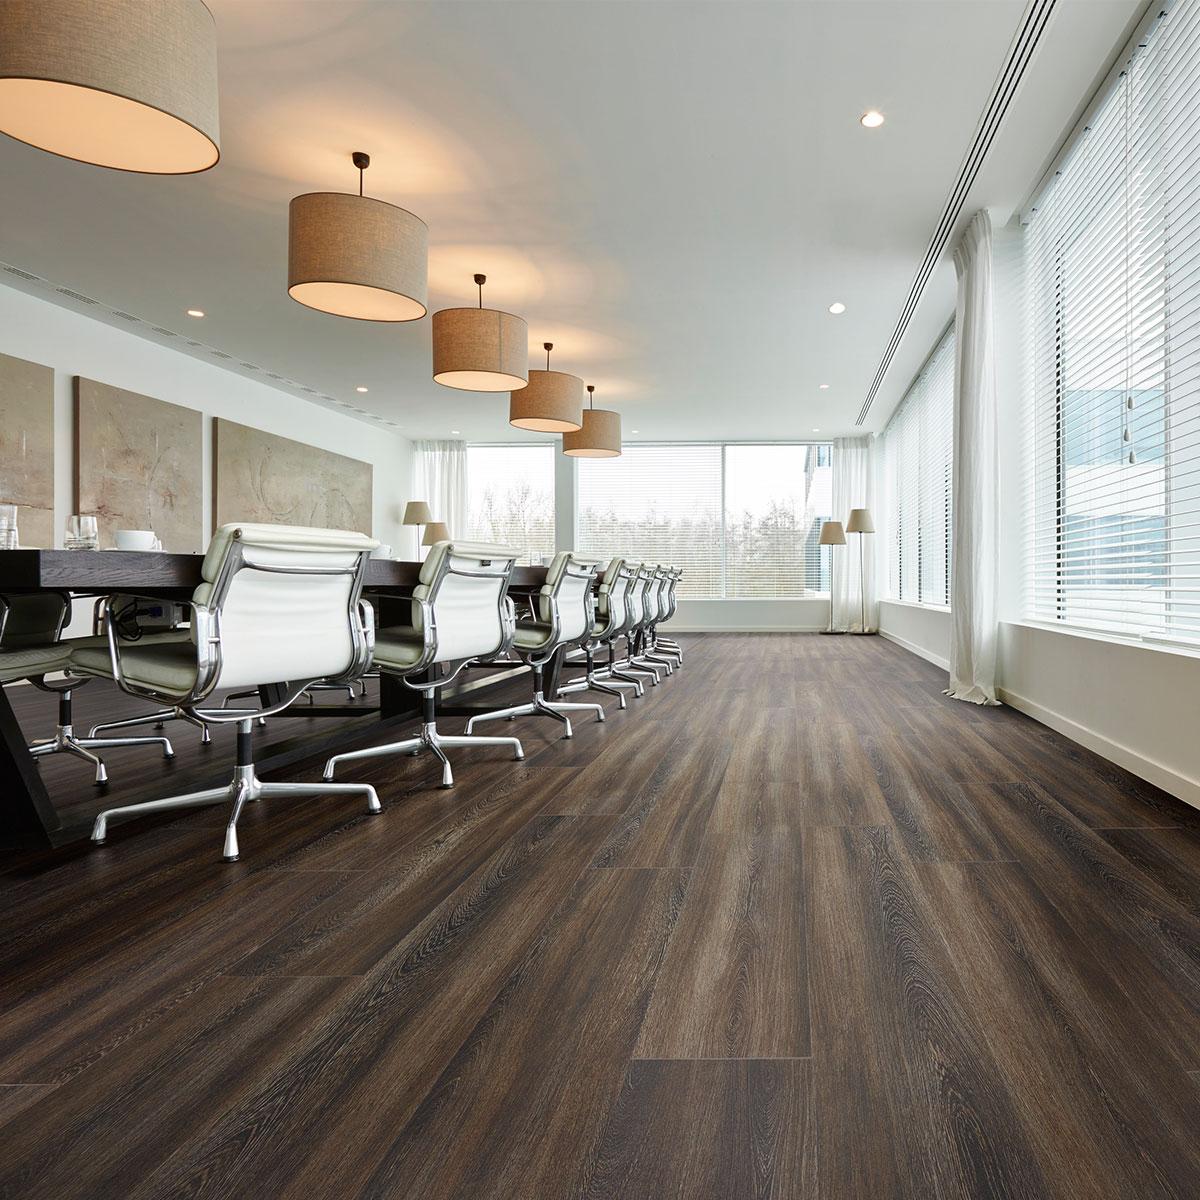 Barn Oak Style Luxury Vinyl Flooring